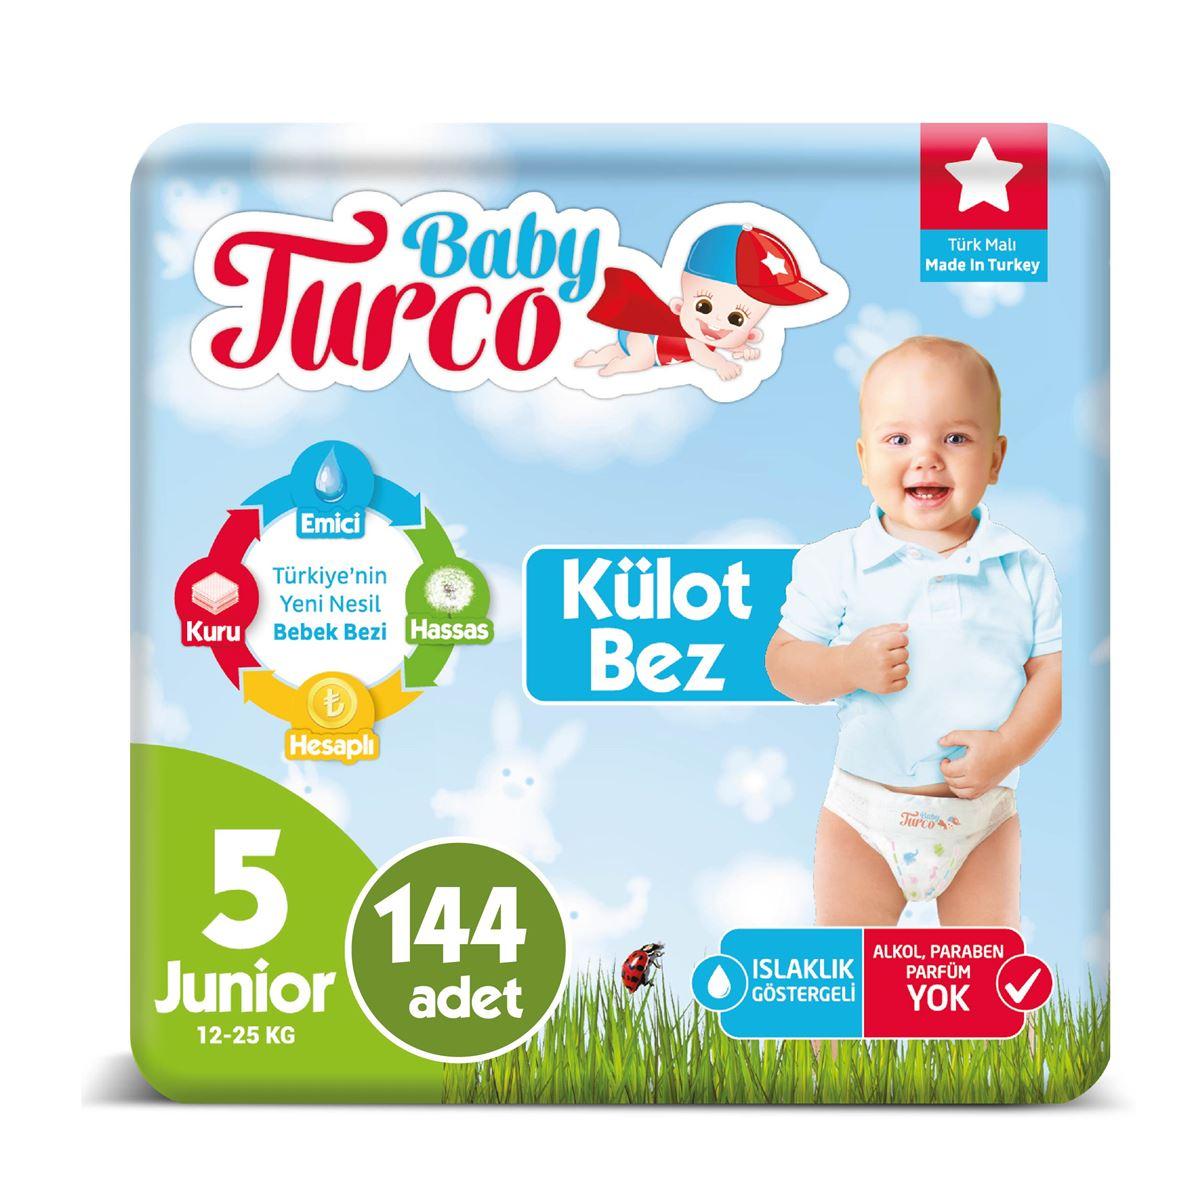 Baby Turco Külot Bez 5 Numara Junıor 144 Adet